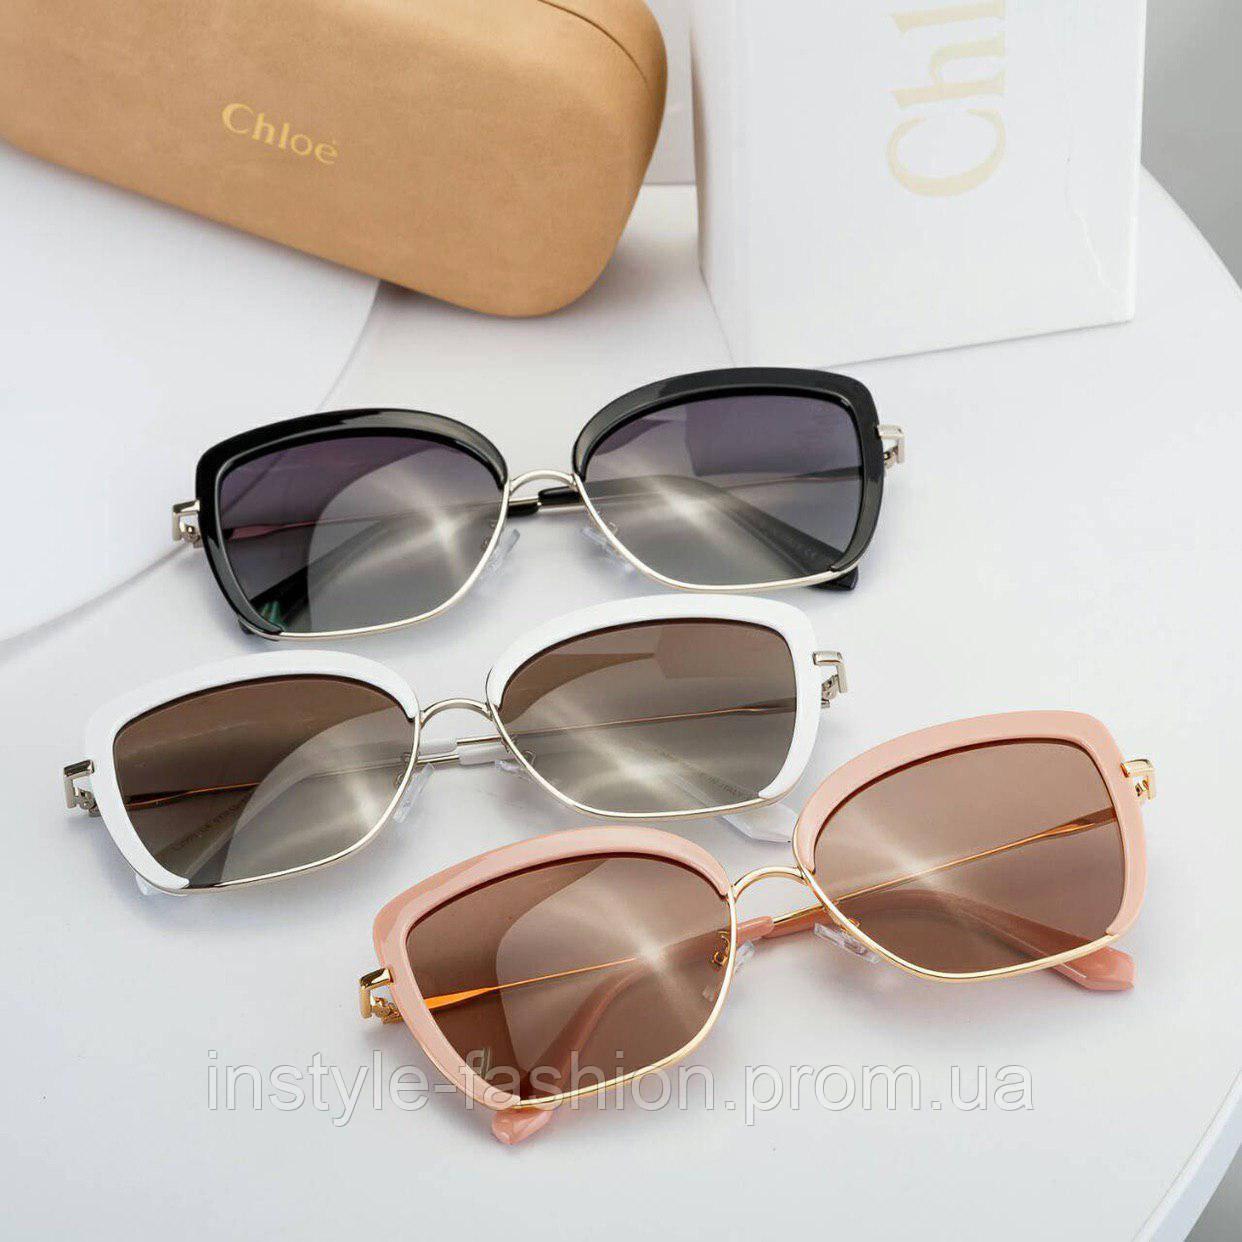 2c2fa80a66fd Брендовые женские очки копия Хлое Chloe выбор цветов: купить ...